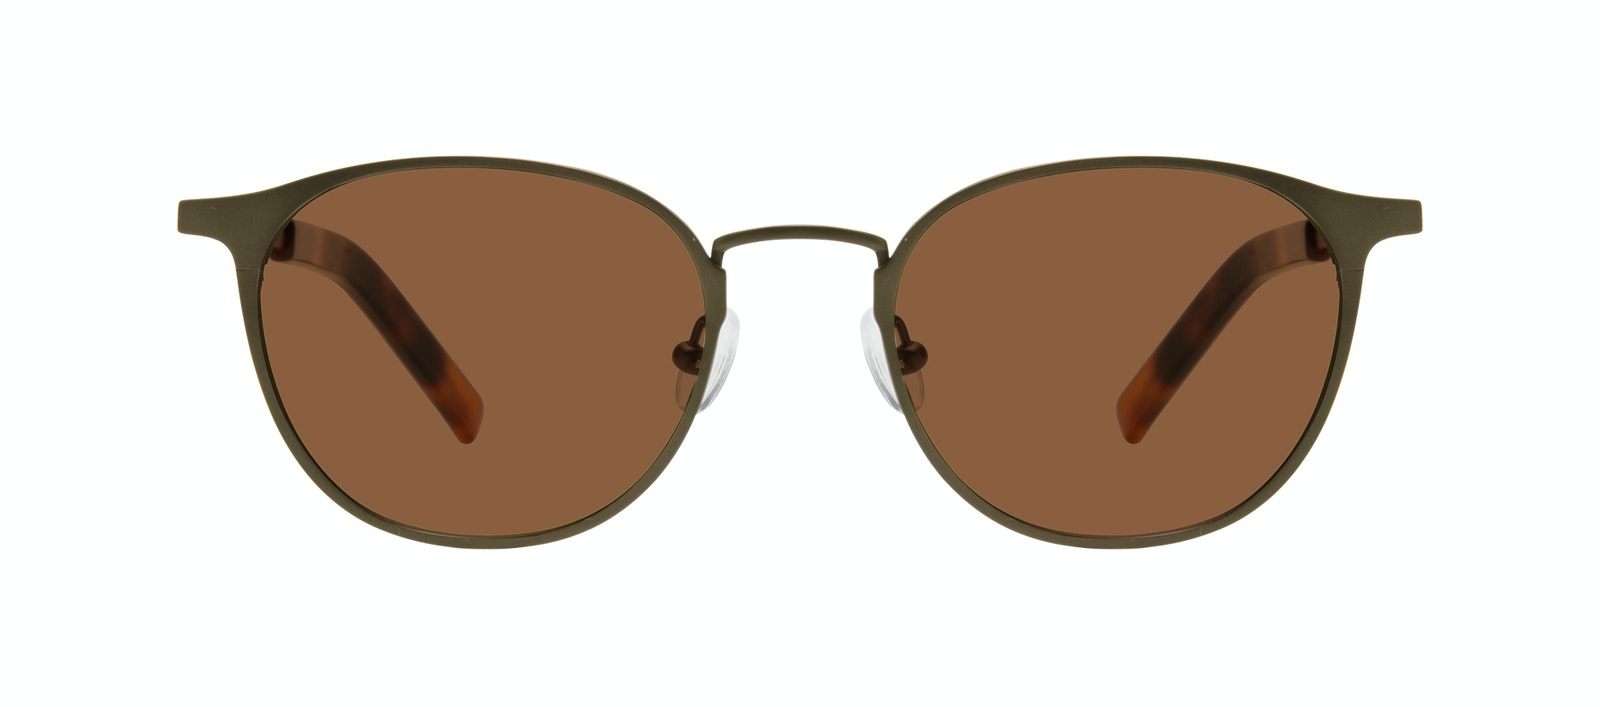 Affordable Fashion Glasses Round Sunglasses Men Point Khaki Front